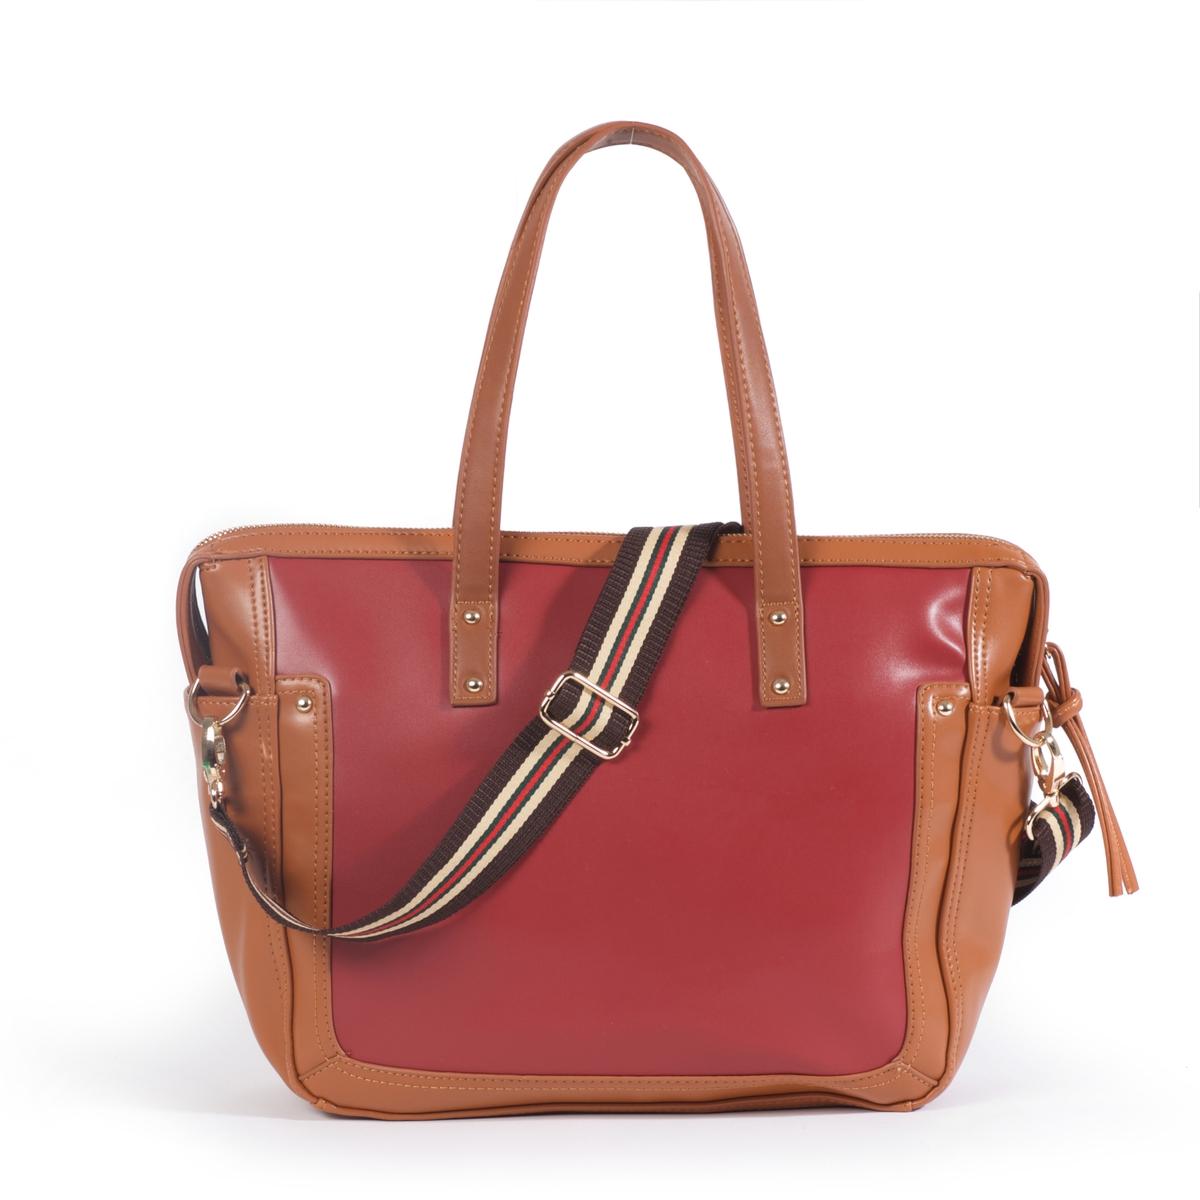 Сумка-шоппер двухцветнаяДвухцветная сумка-шоппер, Atelier R.Можно носить на плече или в руке, подходит к образу в элегантном спортивном стиле!Состав и описаниеМатериал : верх из полиуретана                  подкладка из текстиляМарка :       R ?ditionРазмеры : Ш44 x В30 x Г11 смЗастежка :  молния2 кармана для мобильных -1 карман на молнииСъемный регулируемый плечевой ремень.<br><br>Цвет: темно-бежевый,черный<br>Размер: единый размер.единый размер